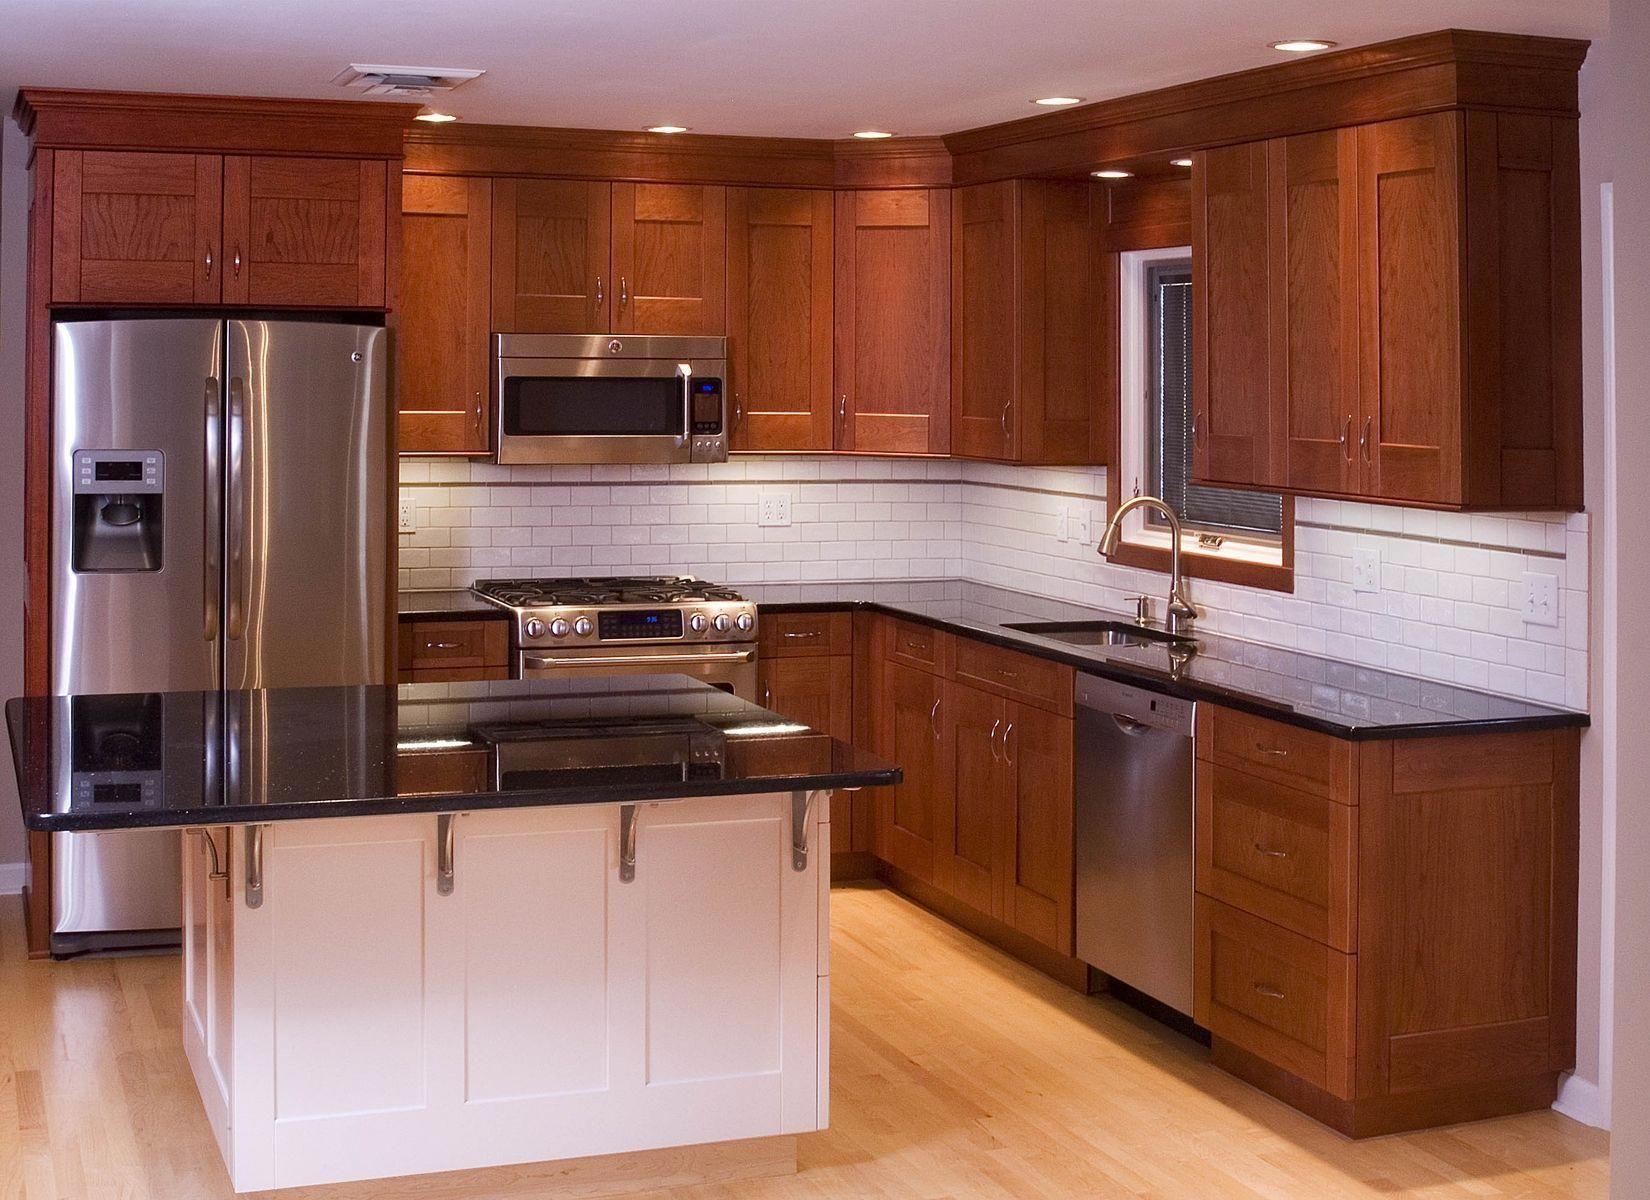 Cherry Cabinets Photos Room Kitchen Storage Organization Cabinets Cherry Kitchen In 2020 Clean Kitchen Cabinets Custom Kitchen Cupboards Cherry Cabinets Kitchen